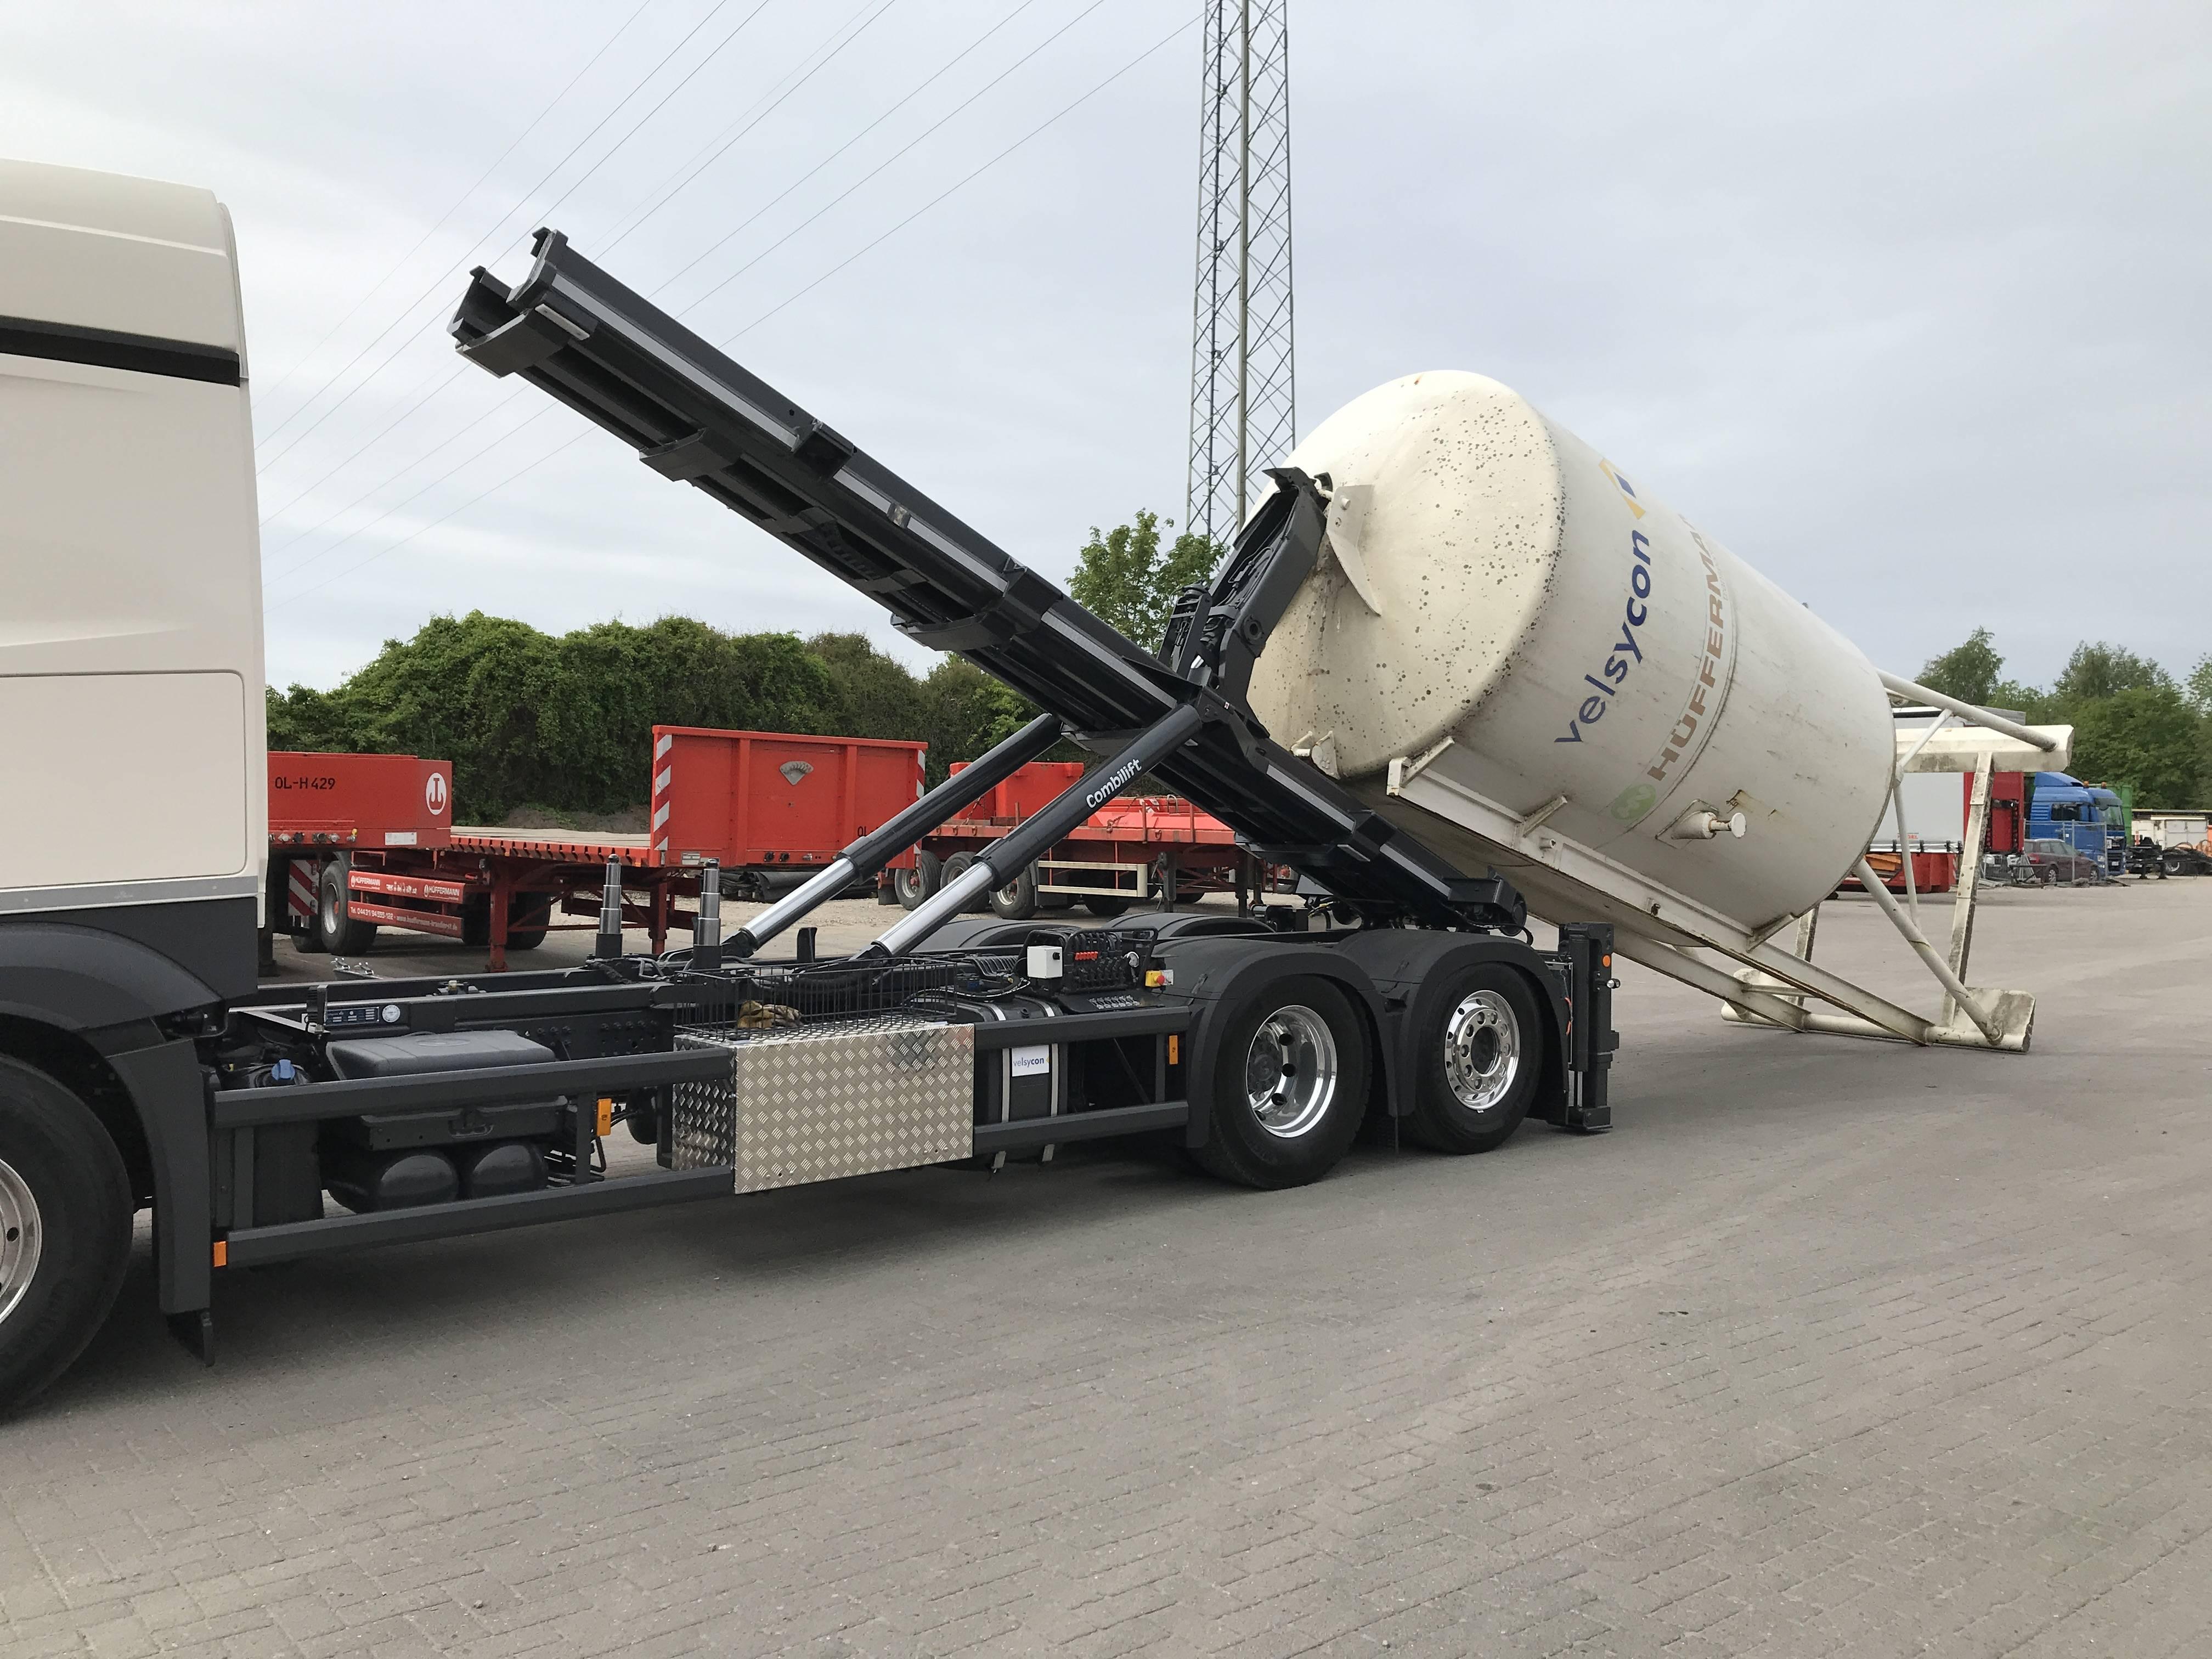 Auslieferung von velsycon - CL 26.72 - Wechselsilos bis 7150mm